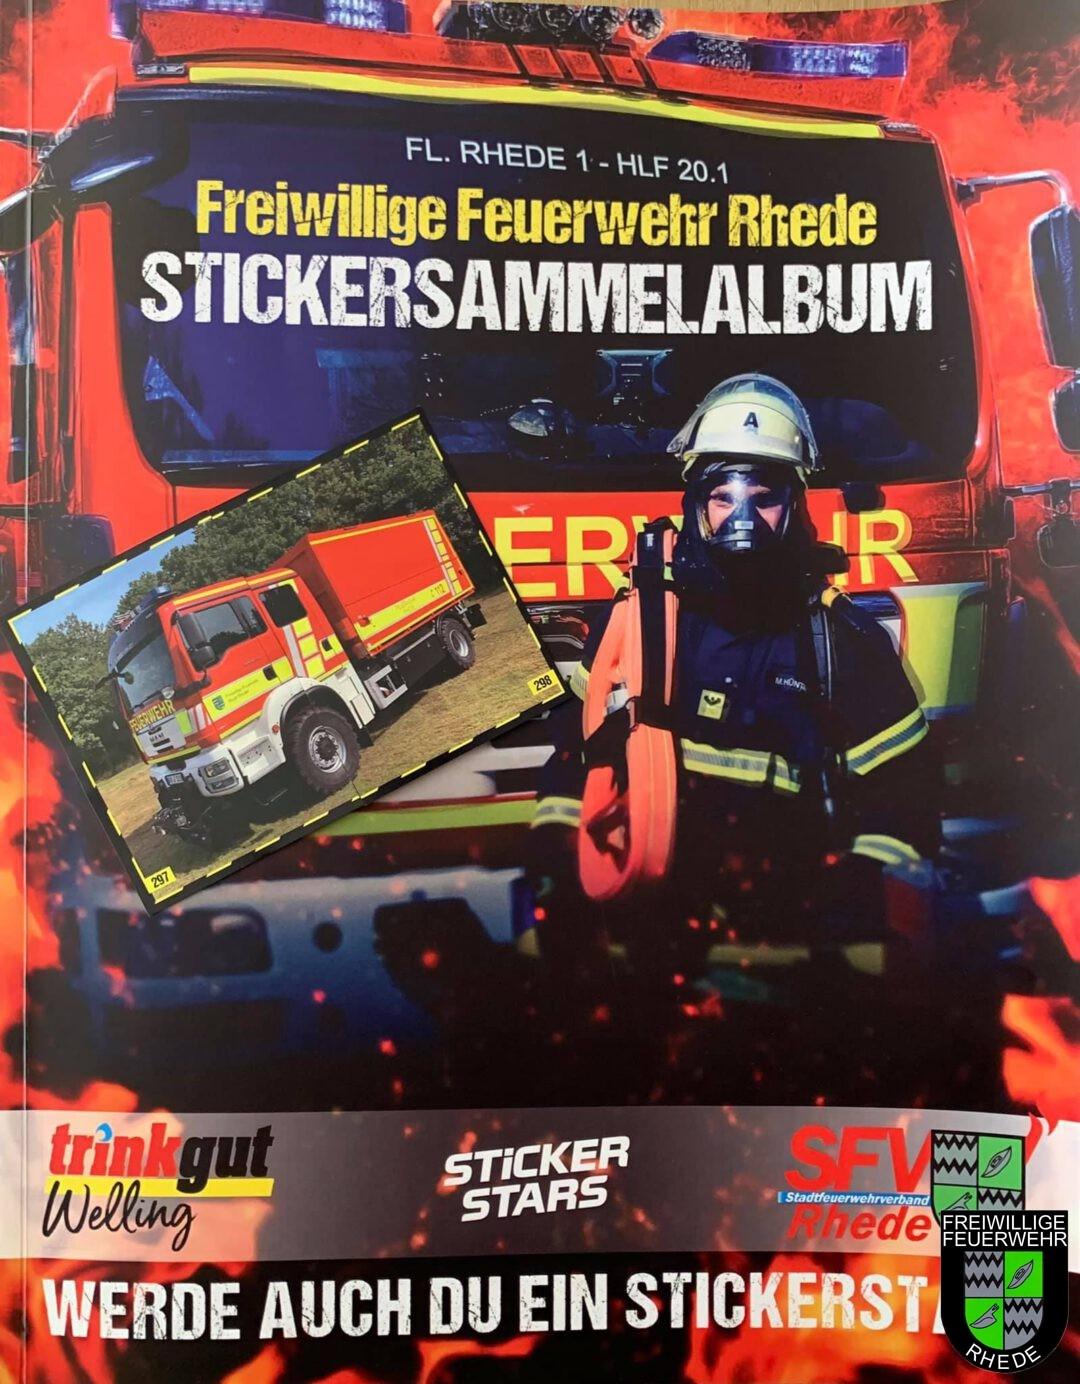 Stickeralbum-mit-GW-L-Sticker